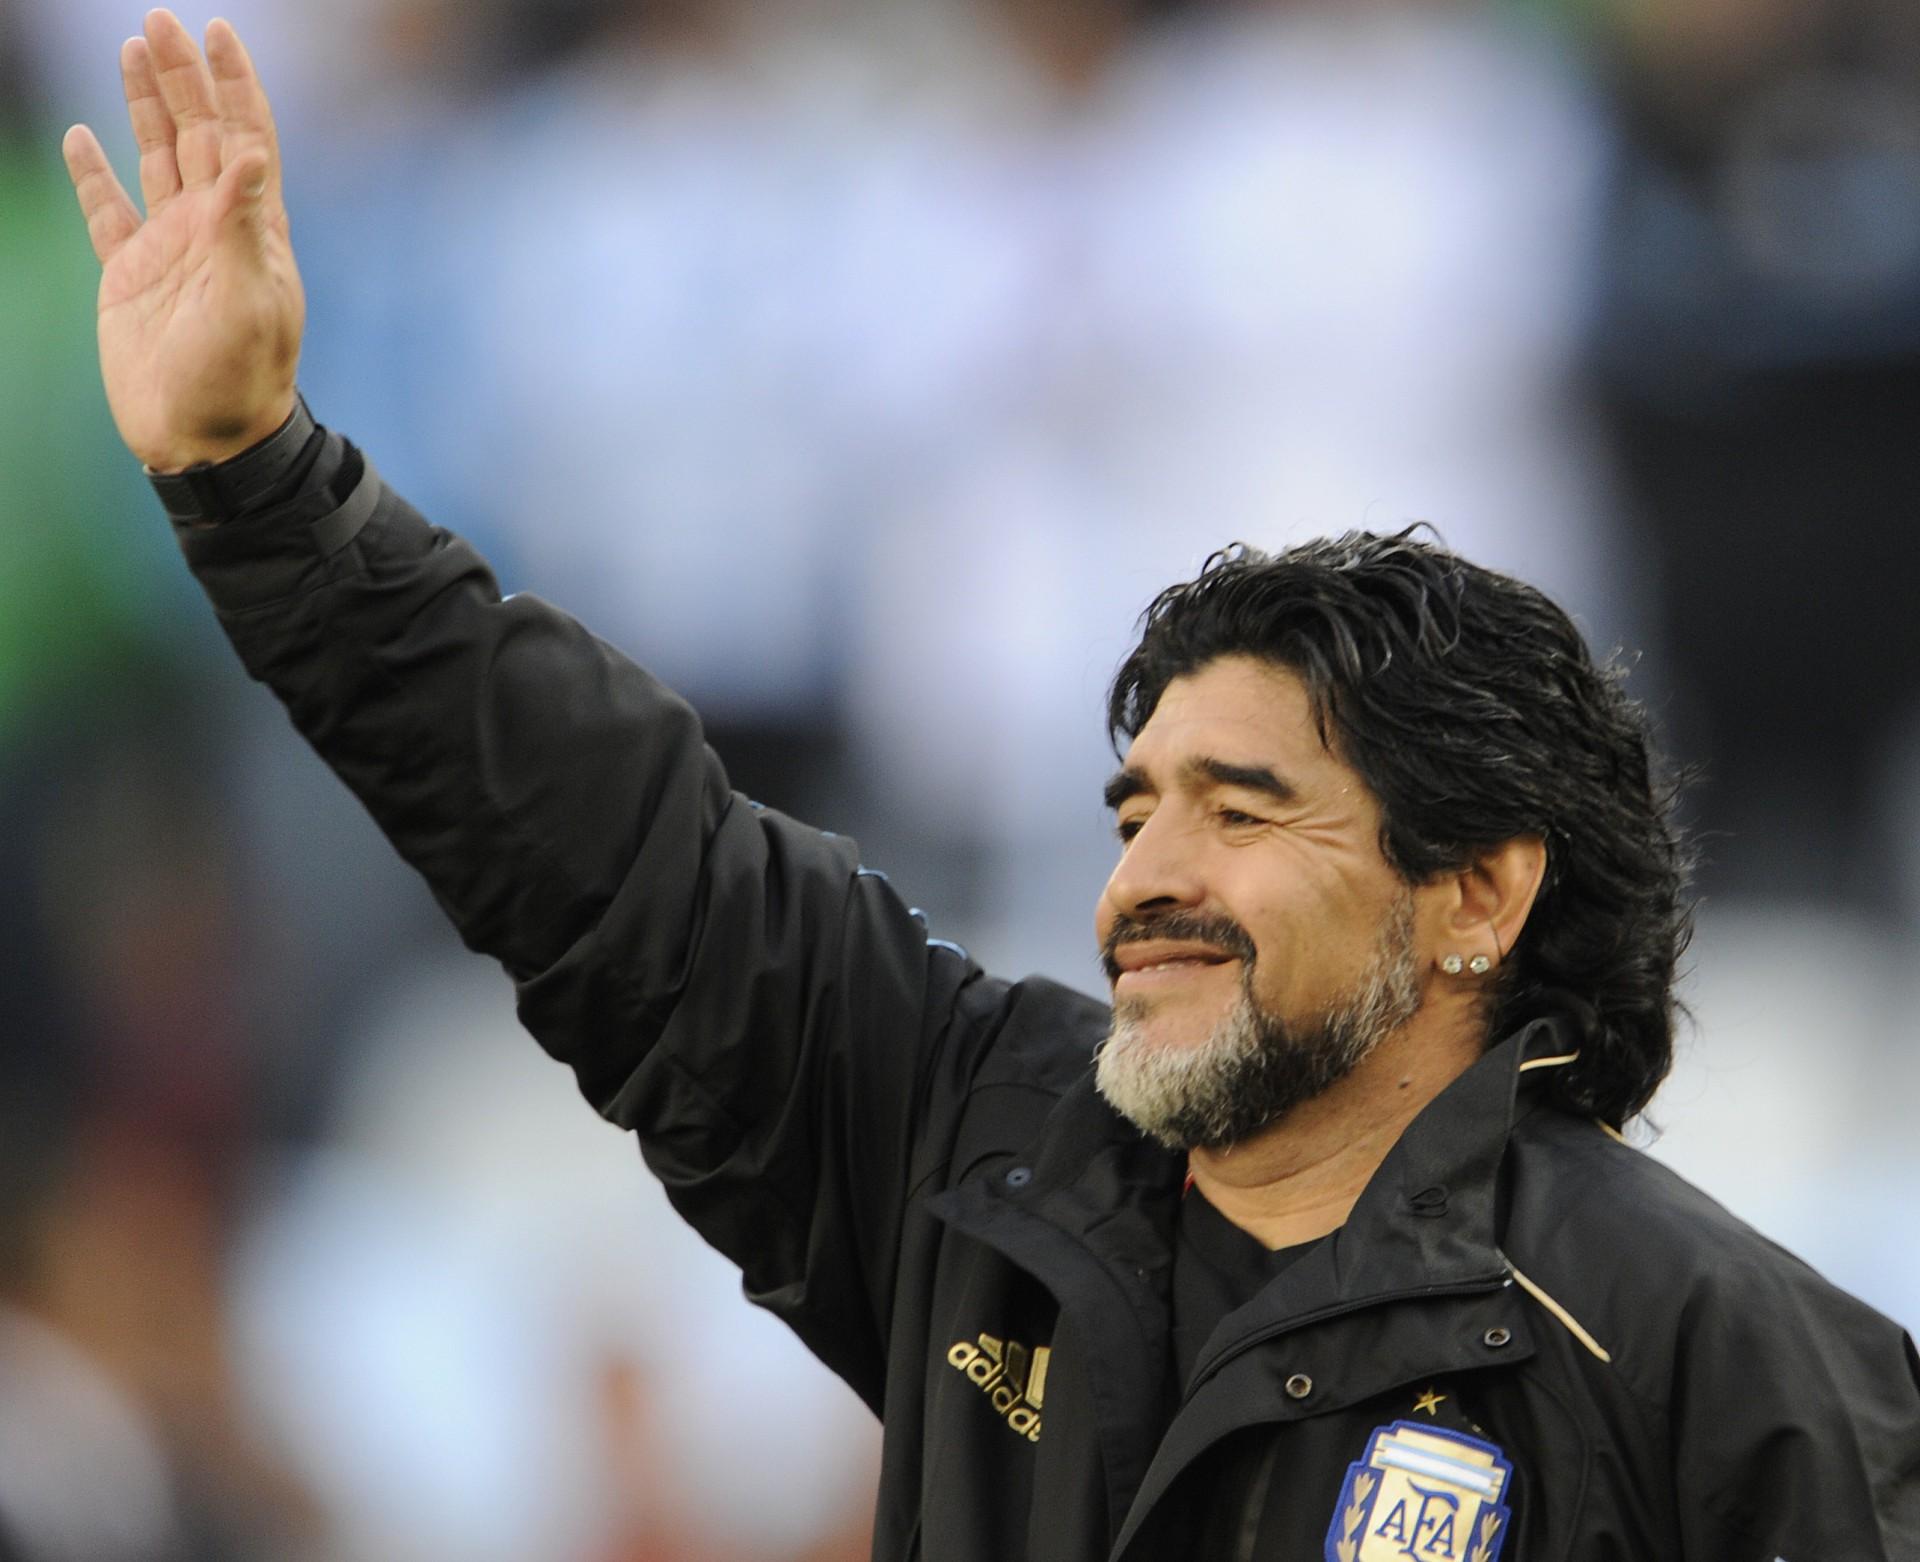 Diego Maradona morreu de parada cardiorrespiratória aos 60 anos, em casa; figuras de destaque como políticos, celebridades e jogadores, além de clubes de futebol, lamentaram morte do ídolo argentino